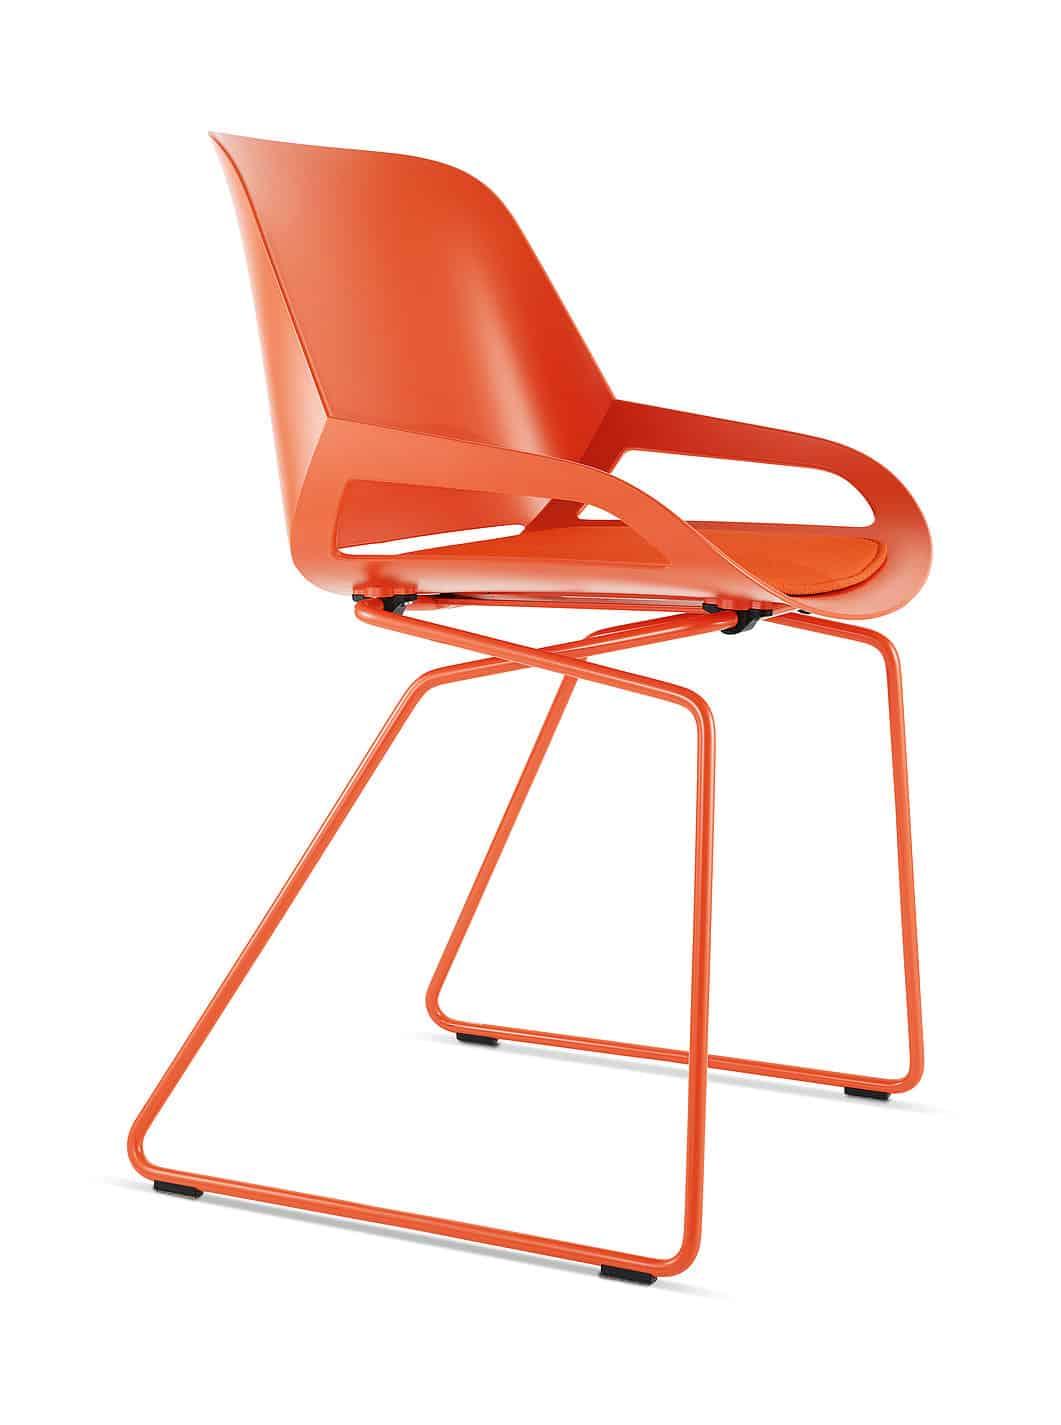 aeris_numo_chair design 1